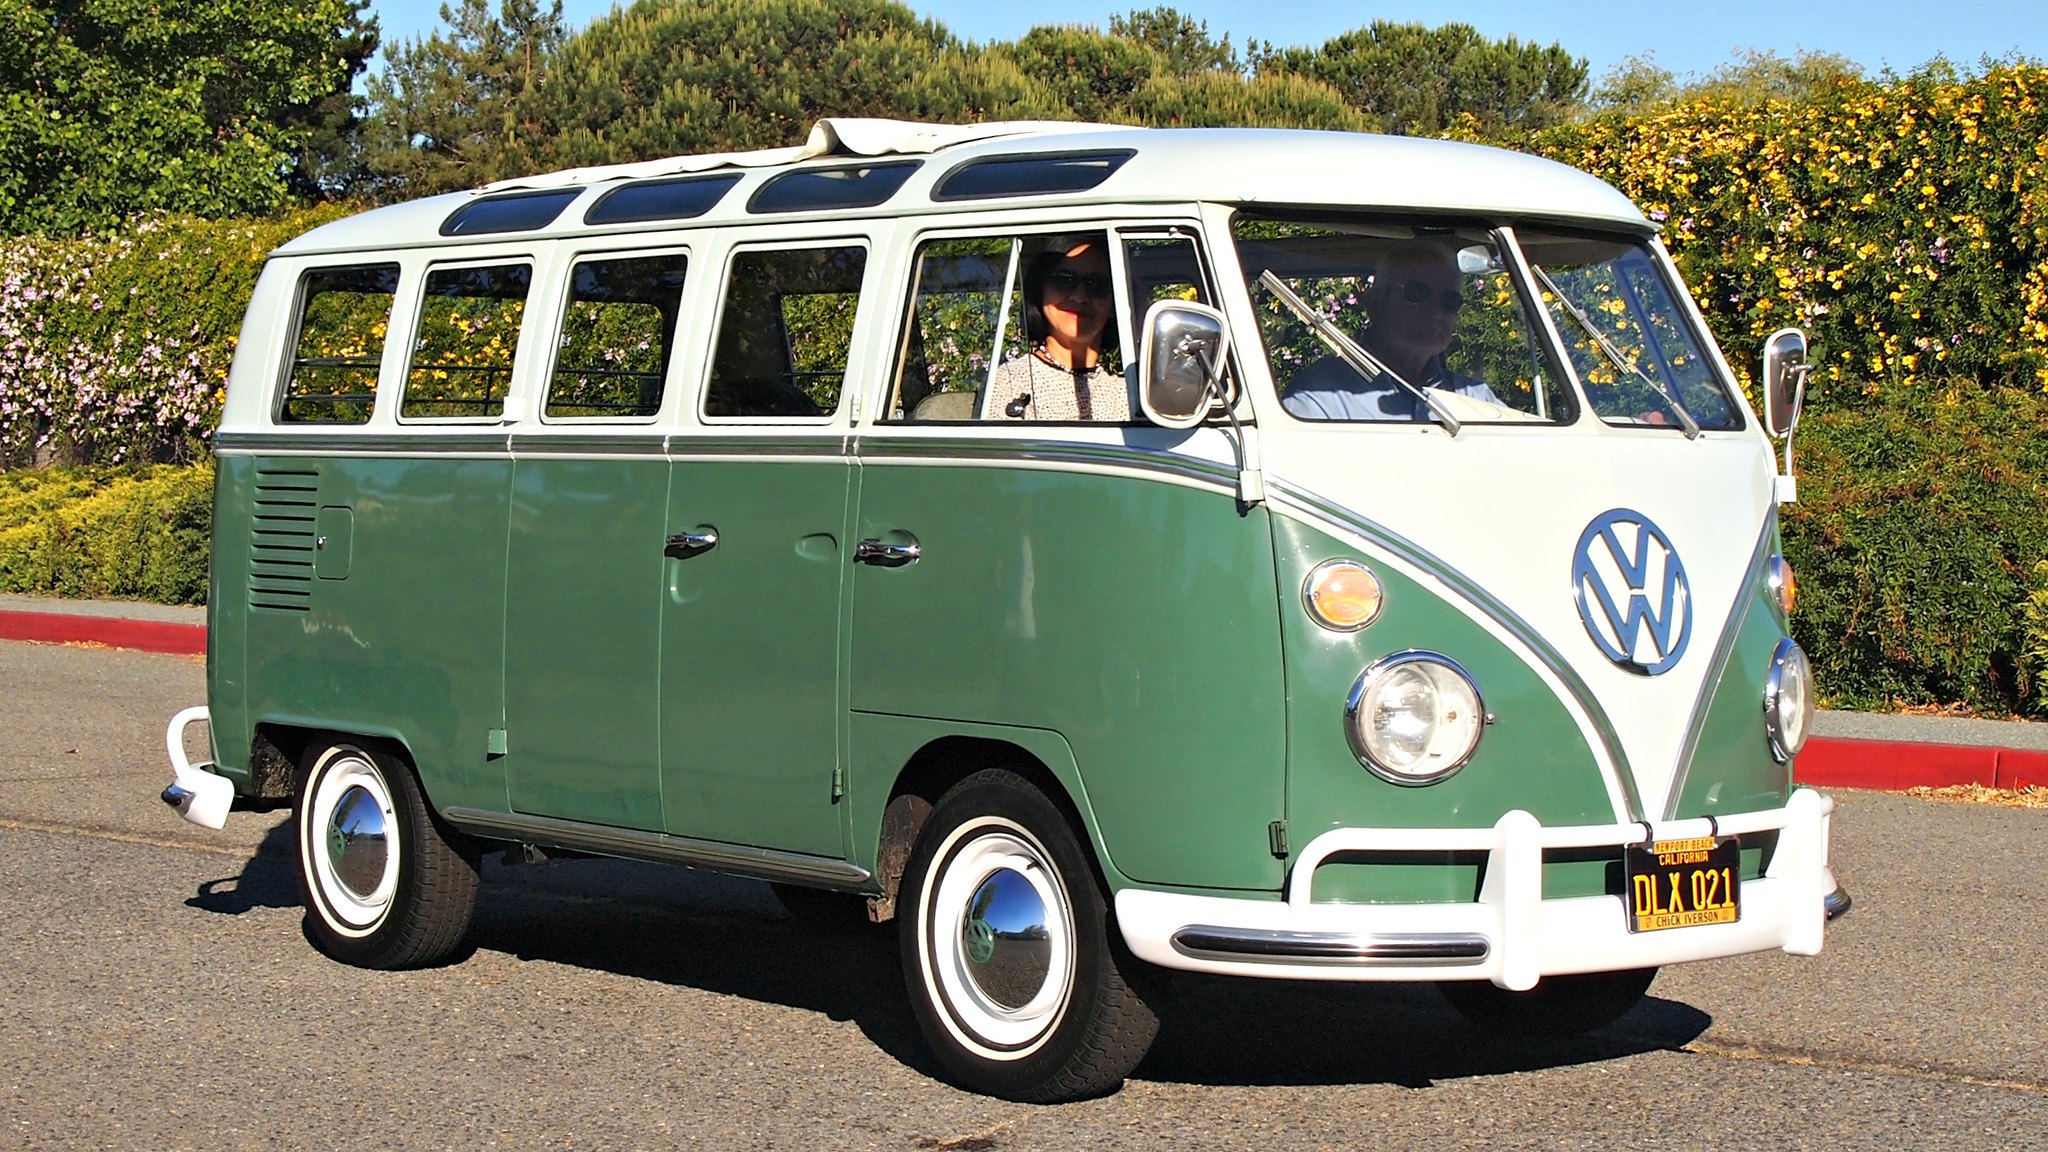 1965 volkswagen type ii 13 window bus 39 536 cvl 39 1 flickr for 13 window vw bus